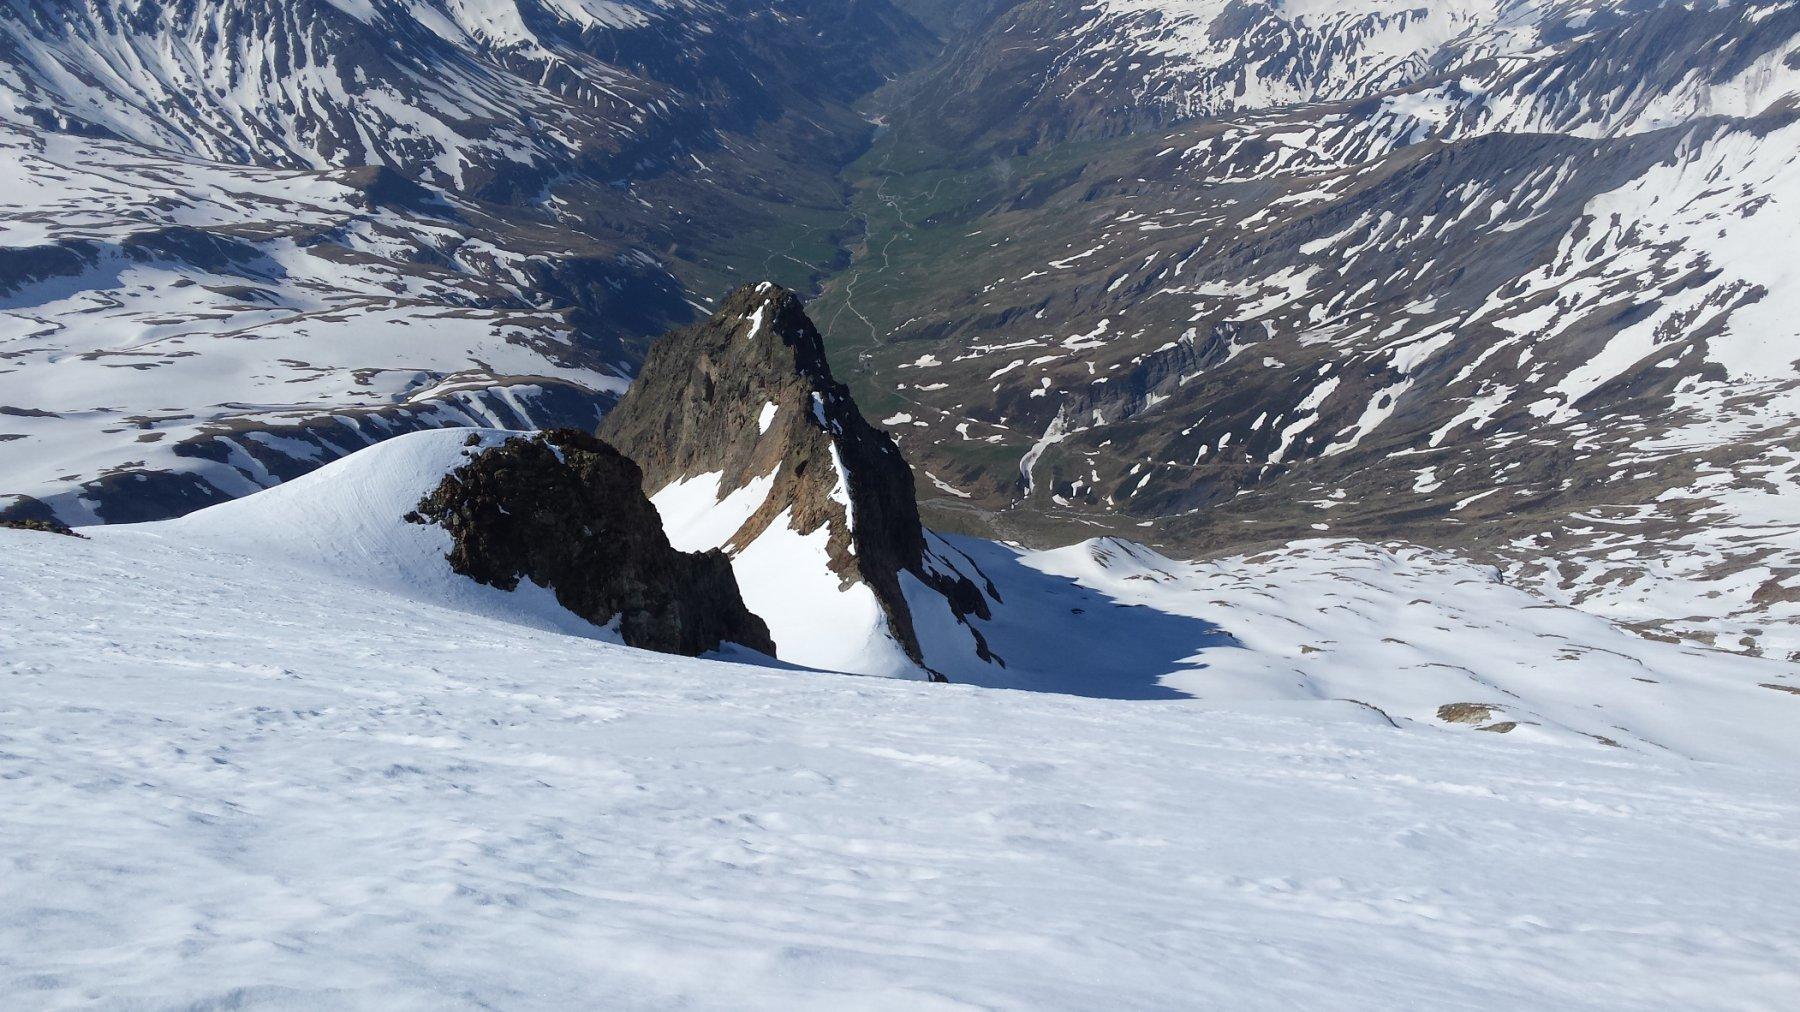 il tratto ripido del ghiacciaio